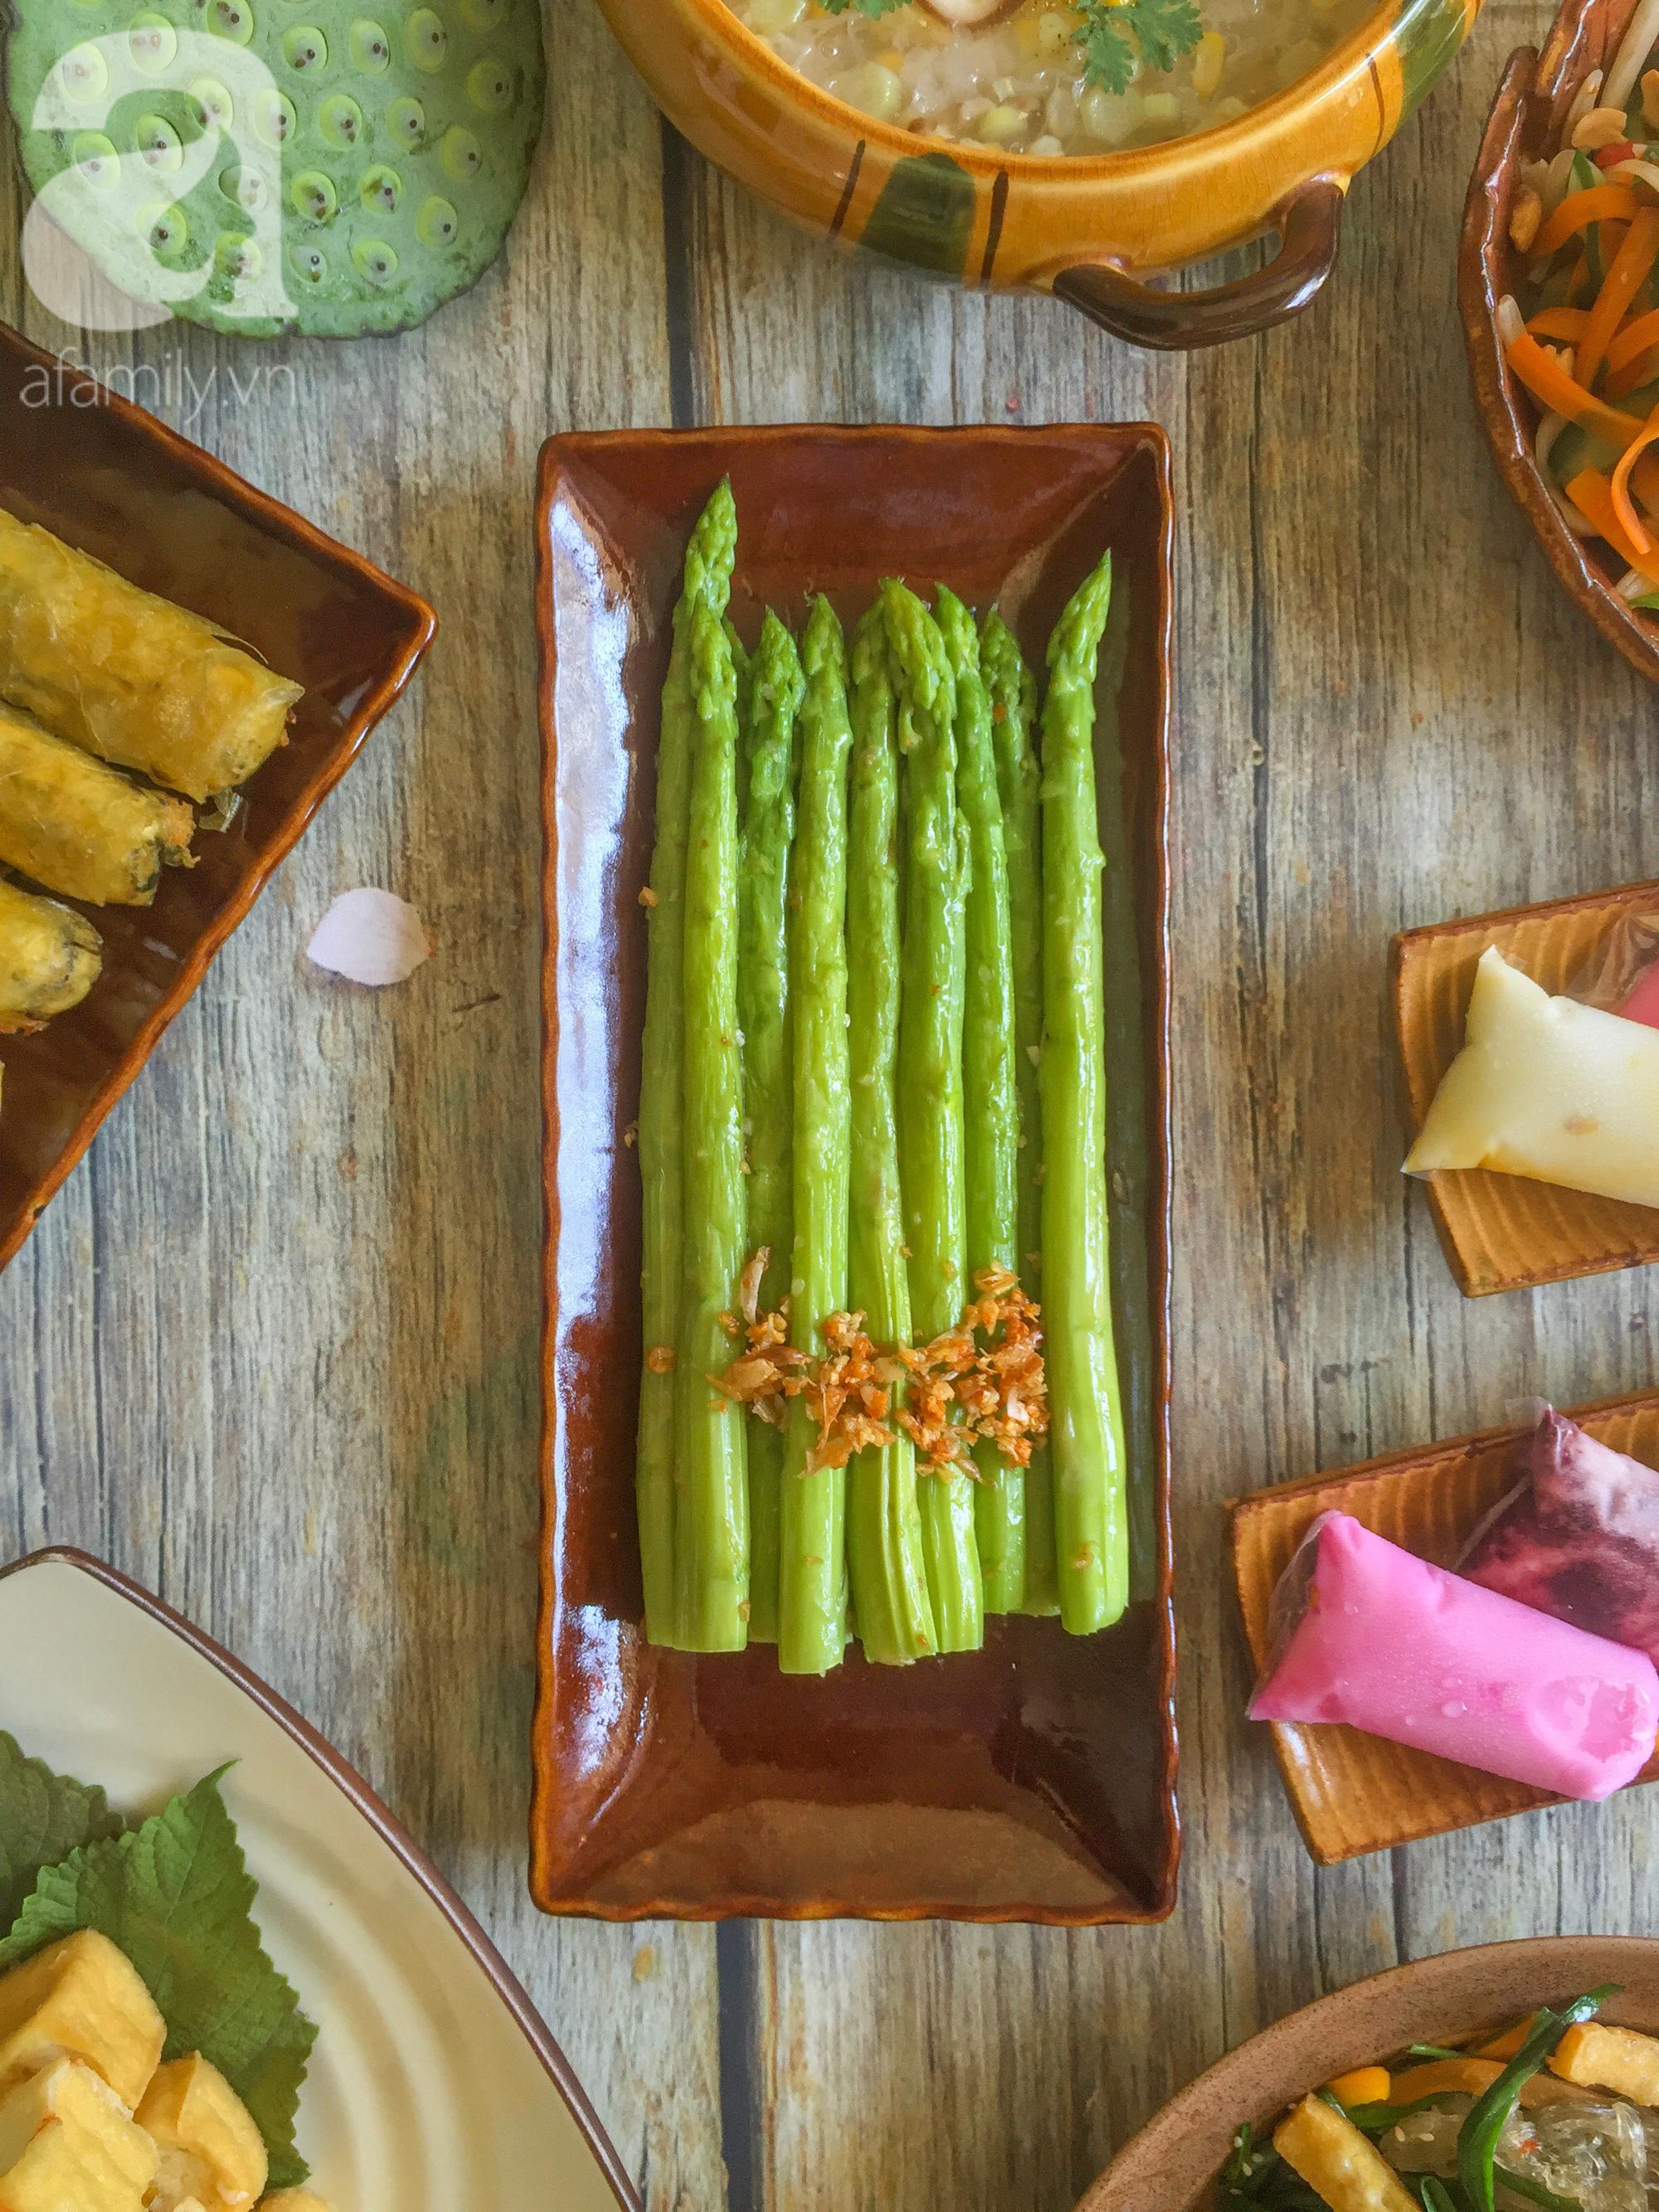 Tháng Vu Lan sắp về, mẹ đảm Sài Gòn chia sẻ mâm cơm chay 9 món đẳng cấp nhà hàng, chỉ nhìn thôi đã thấy quá hấp dẫn! - Ảnh 6.